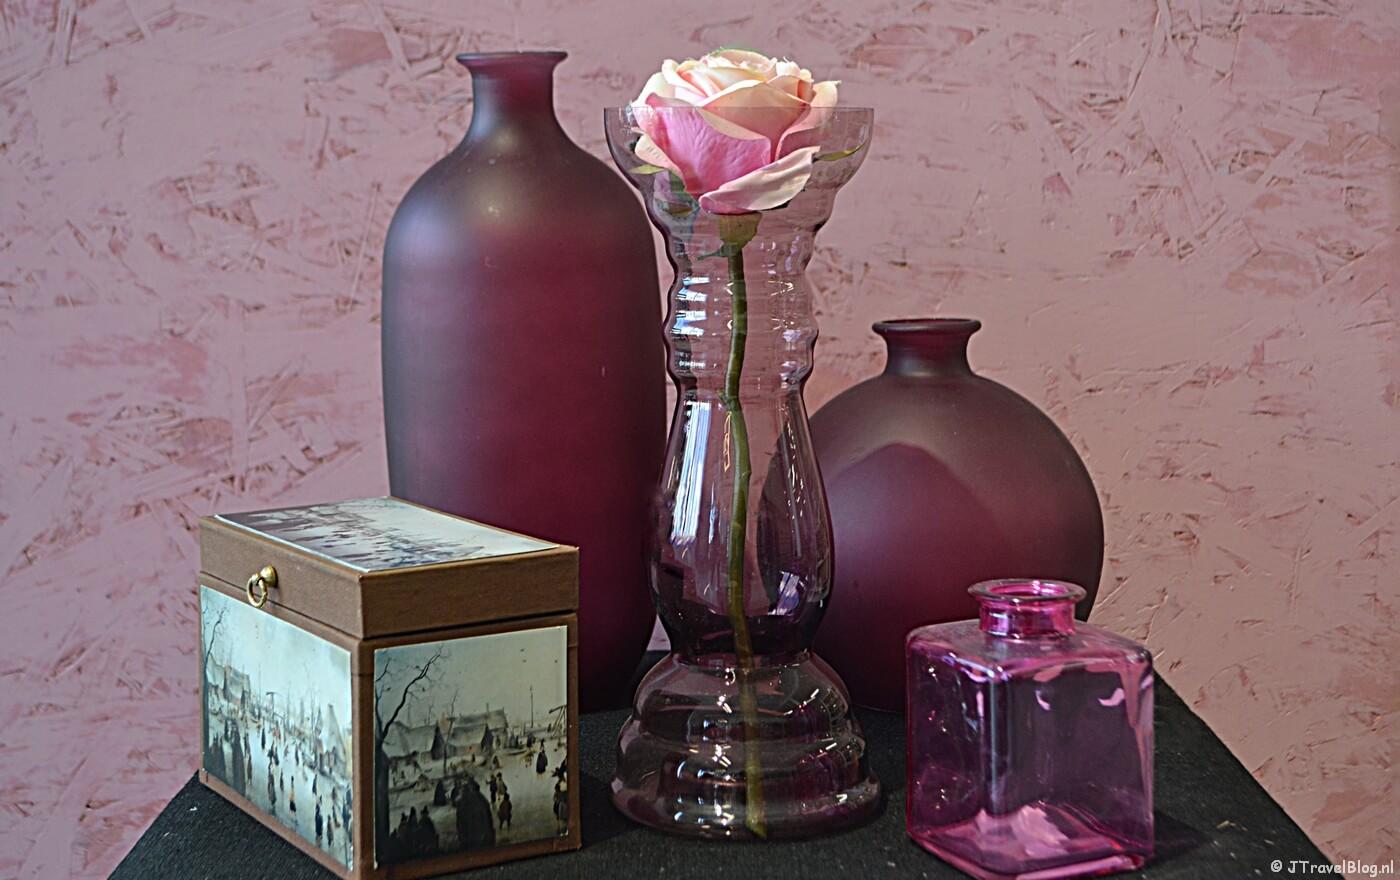 Vintage spullen bij Kringloopwinkel RataPlan in Hoofddorp